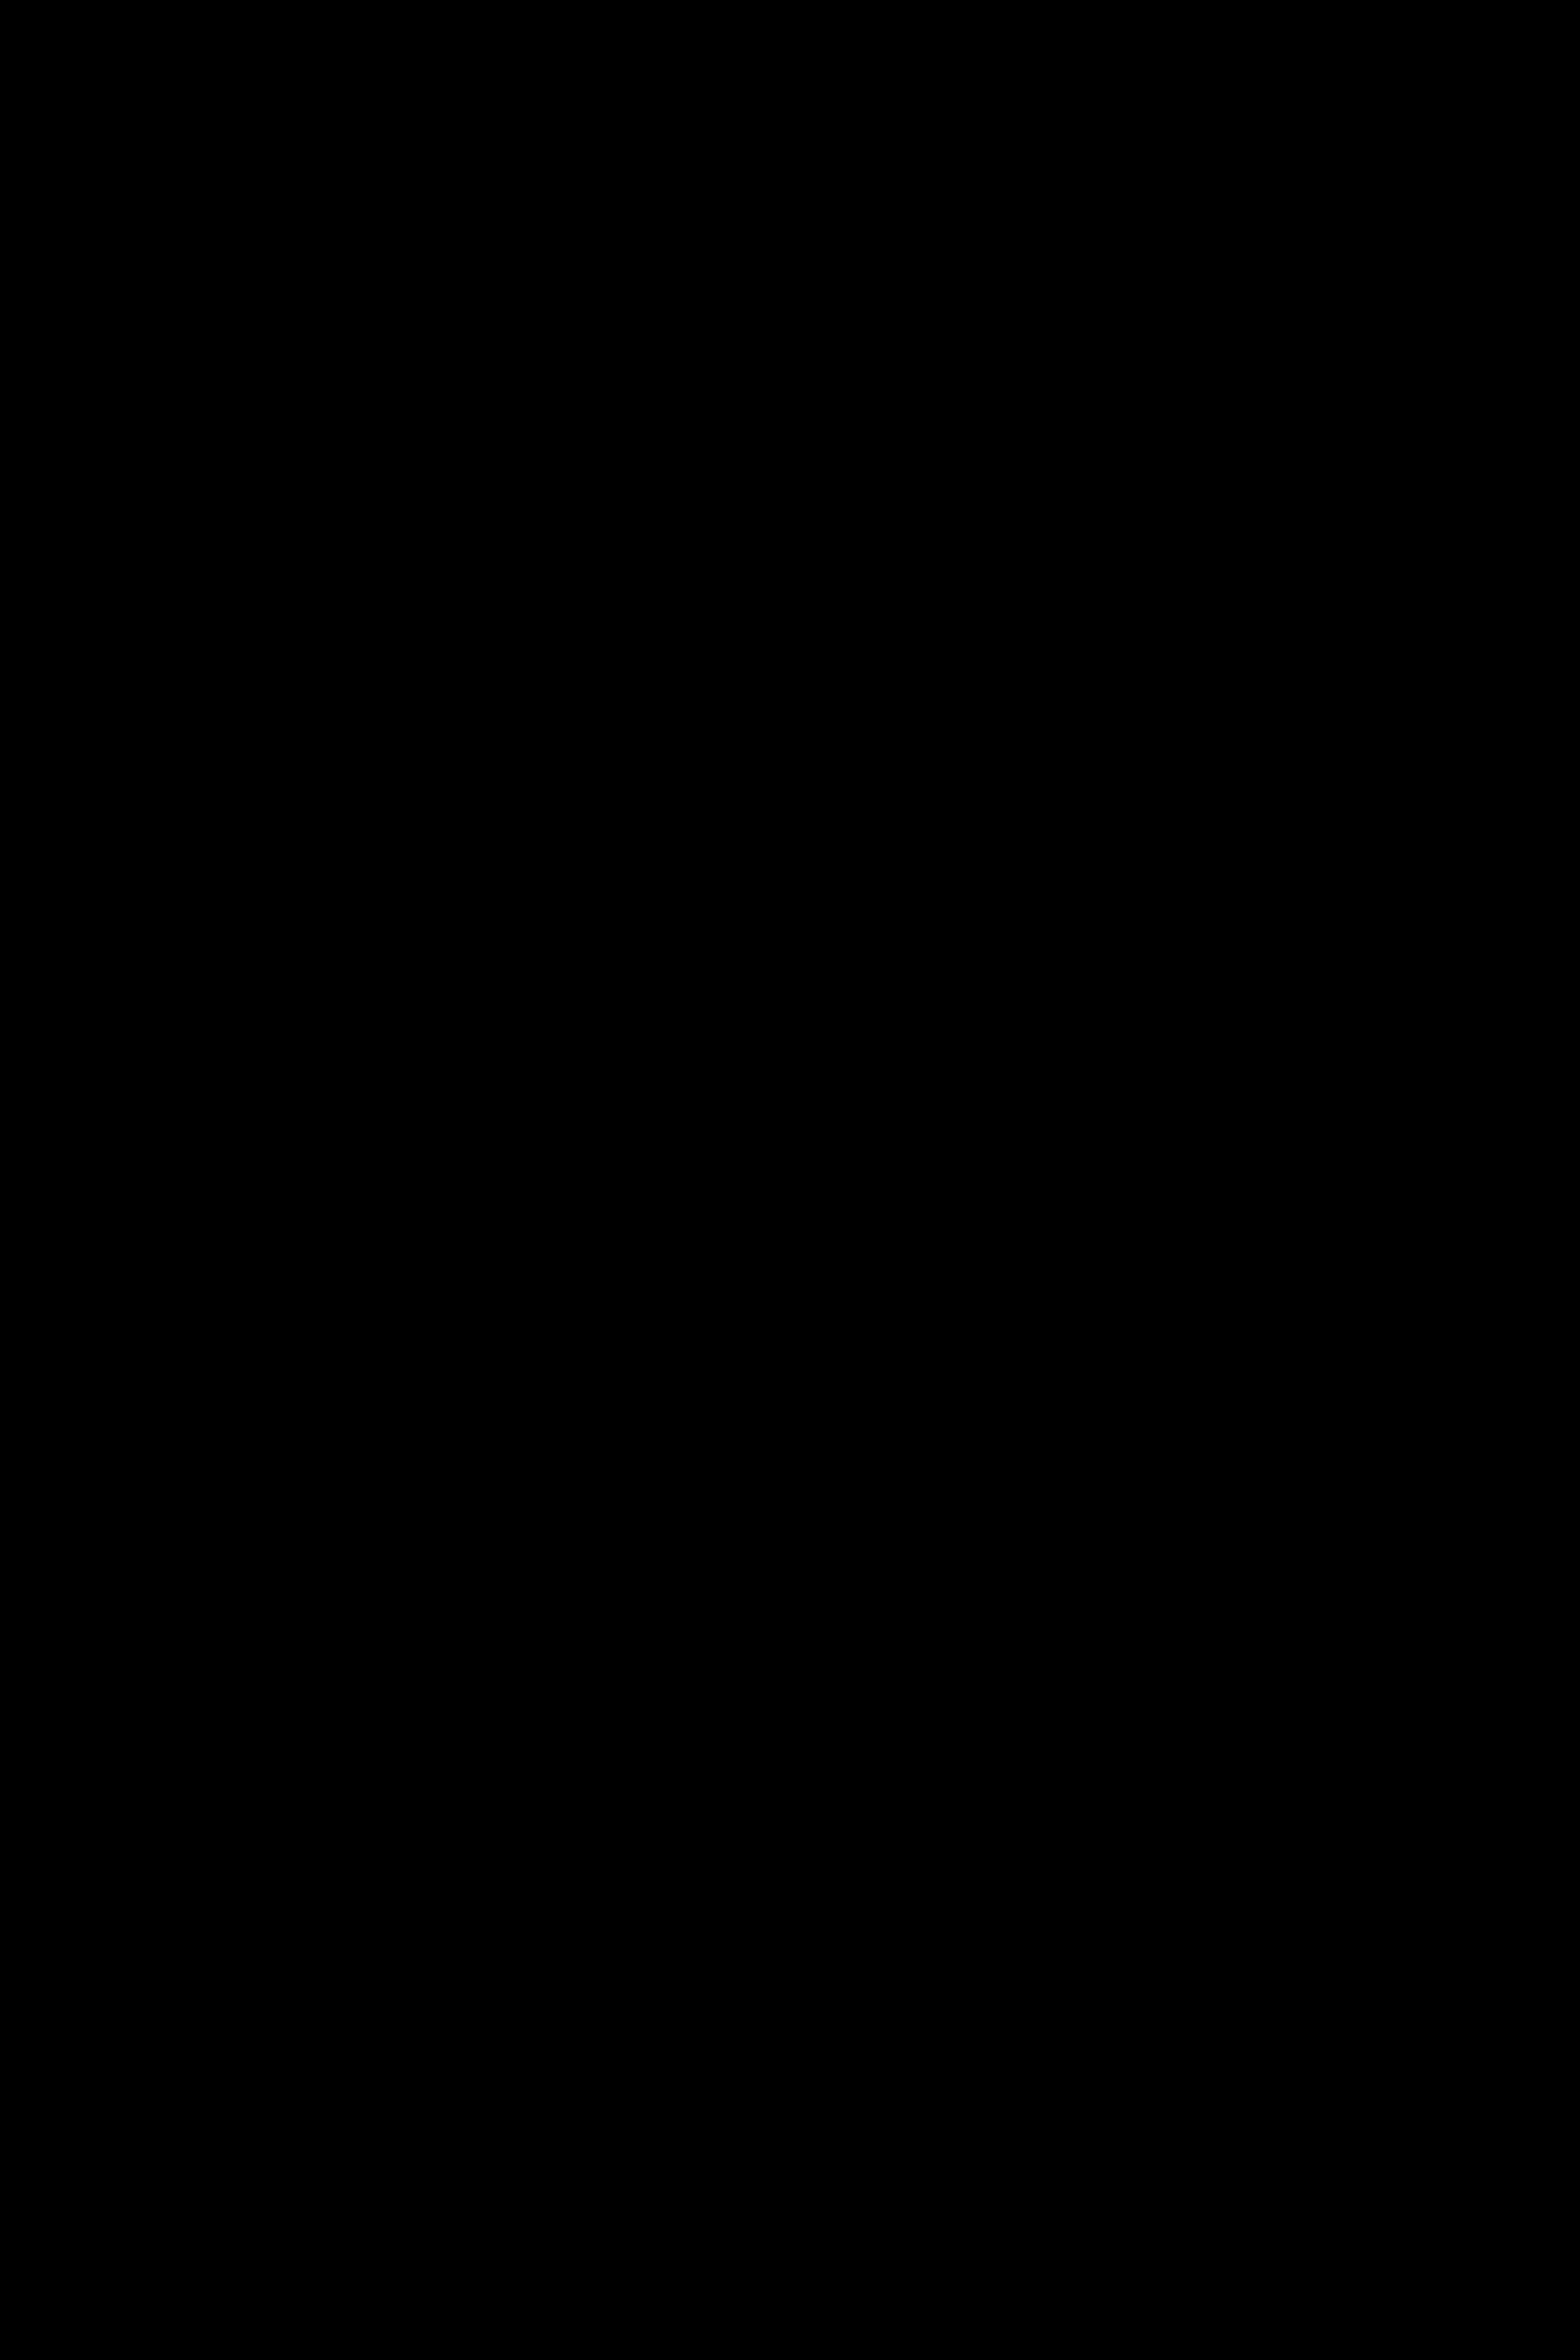 img Huawei Enjoy 9S Advance sale Leaks